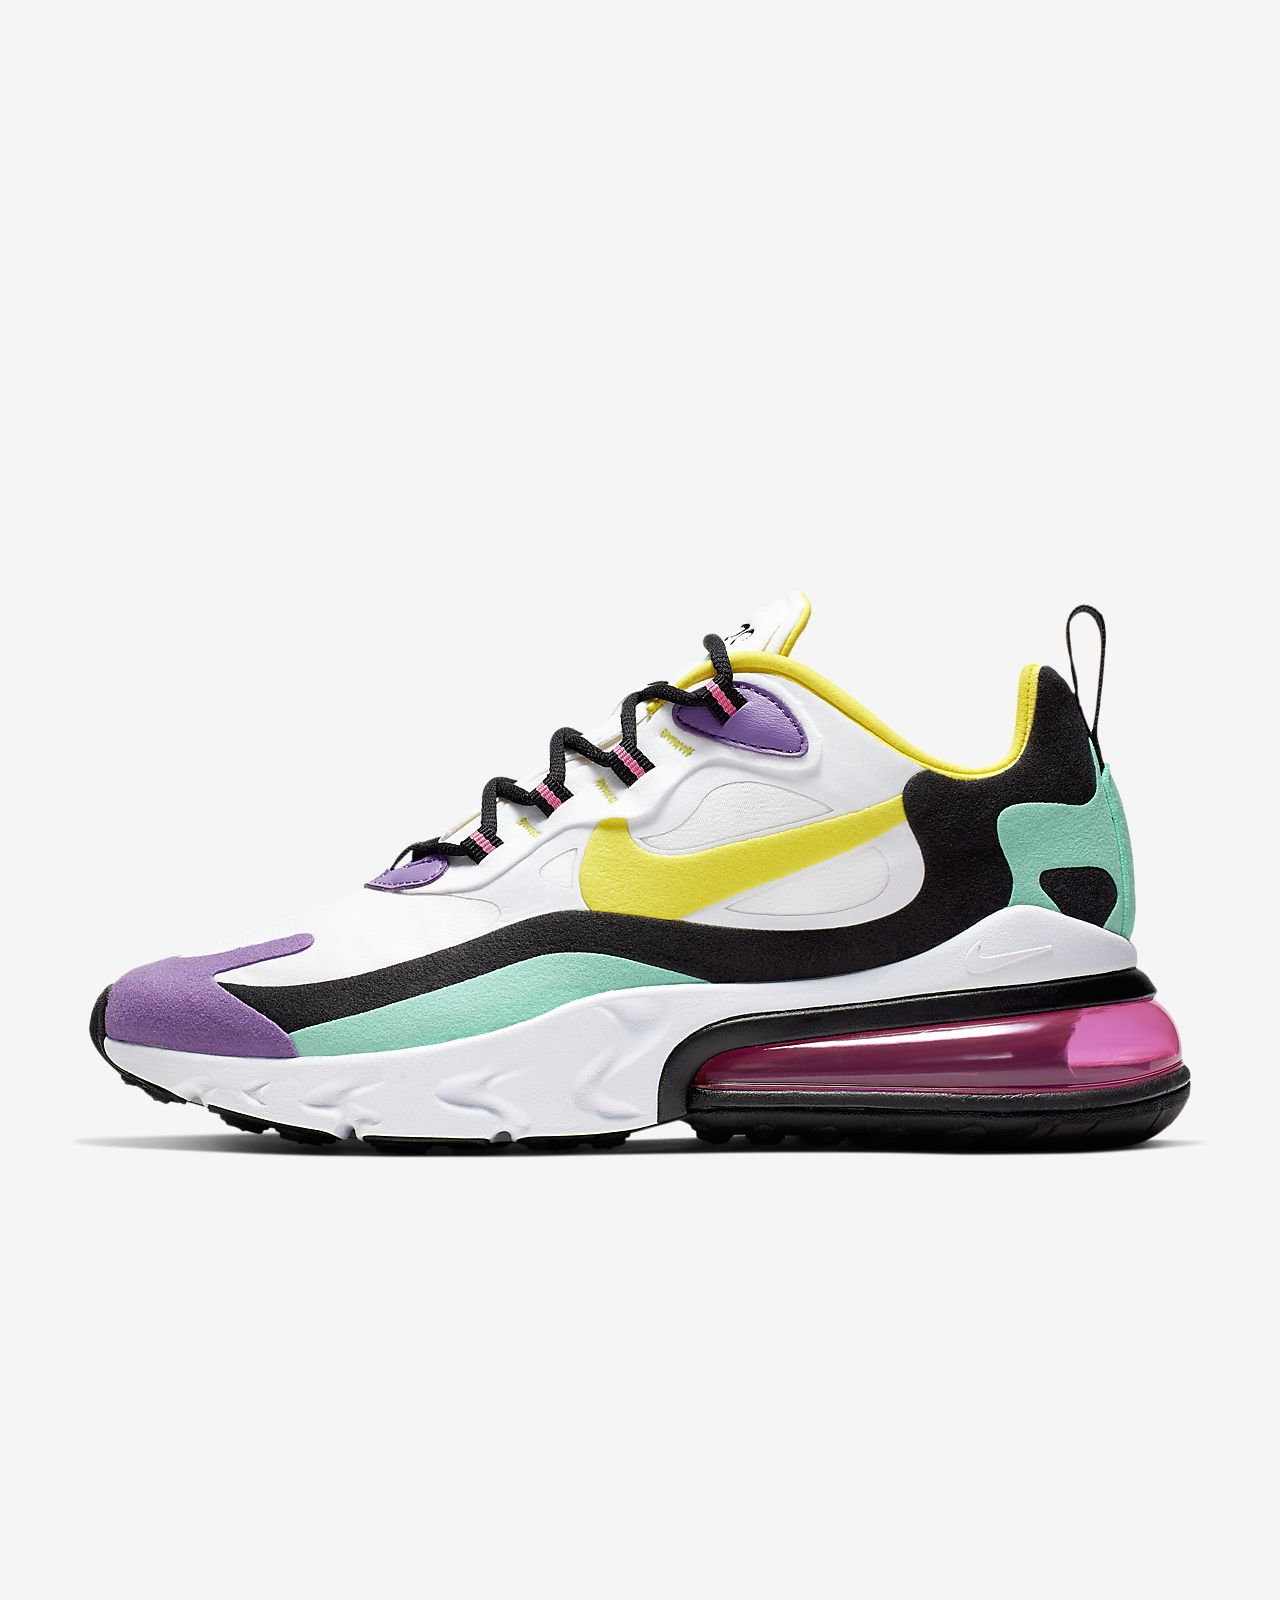 Nike Air Max 270 React (Geometric Abstract) Kadın Ayakkabısı